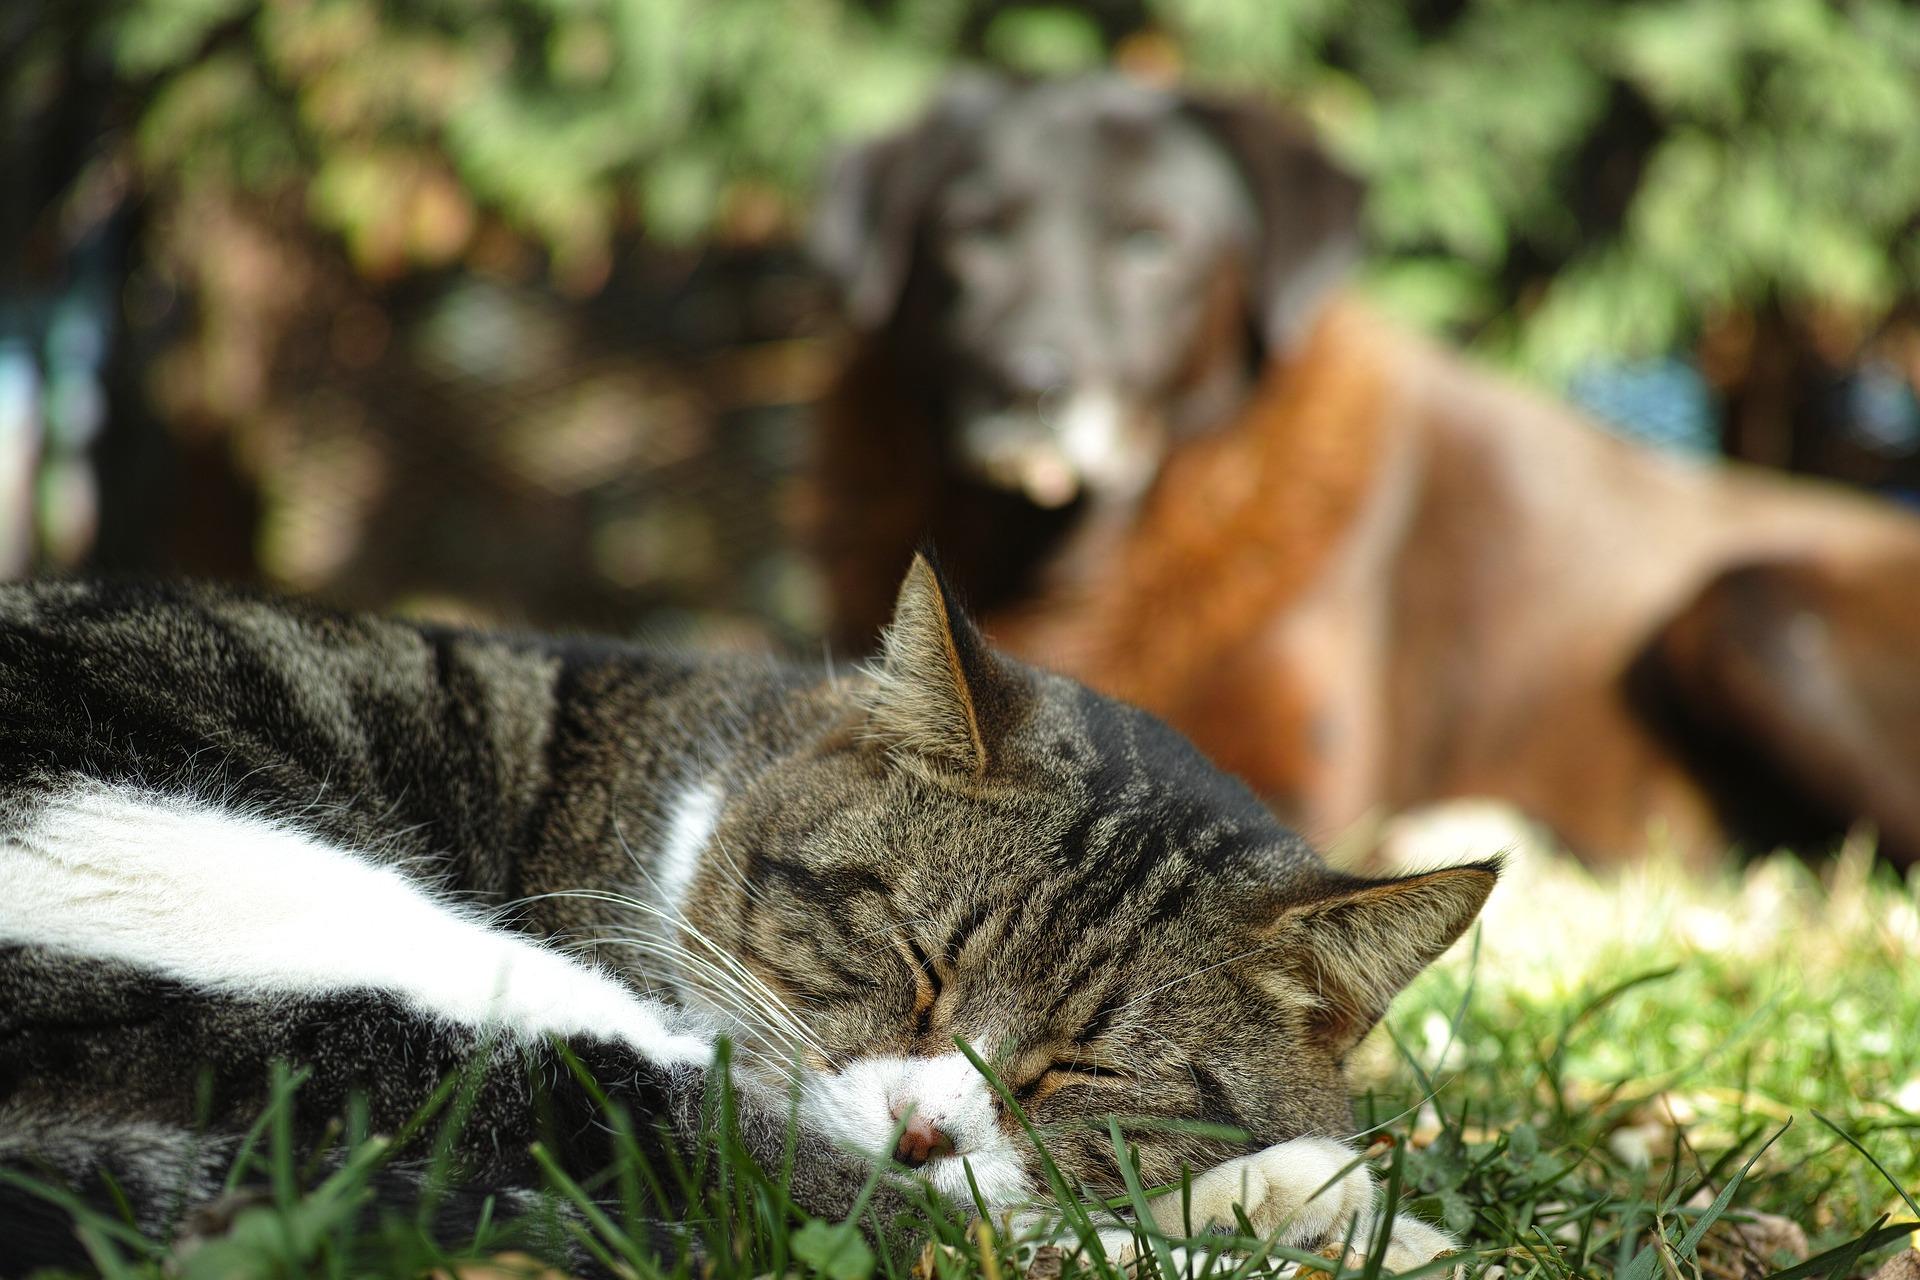 犬や猫が斜視になった!目が斜め、目の傾きの高頻度の疾患